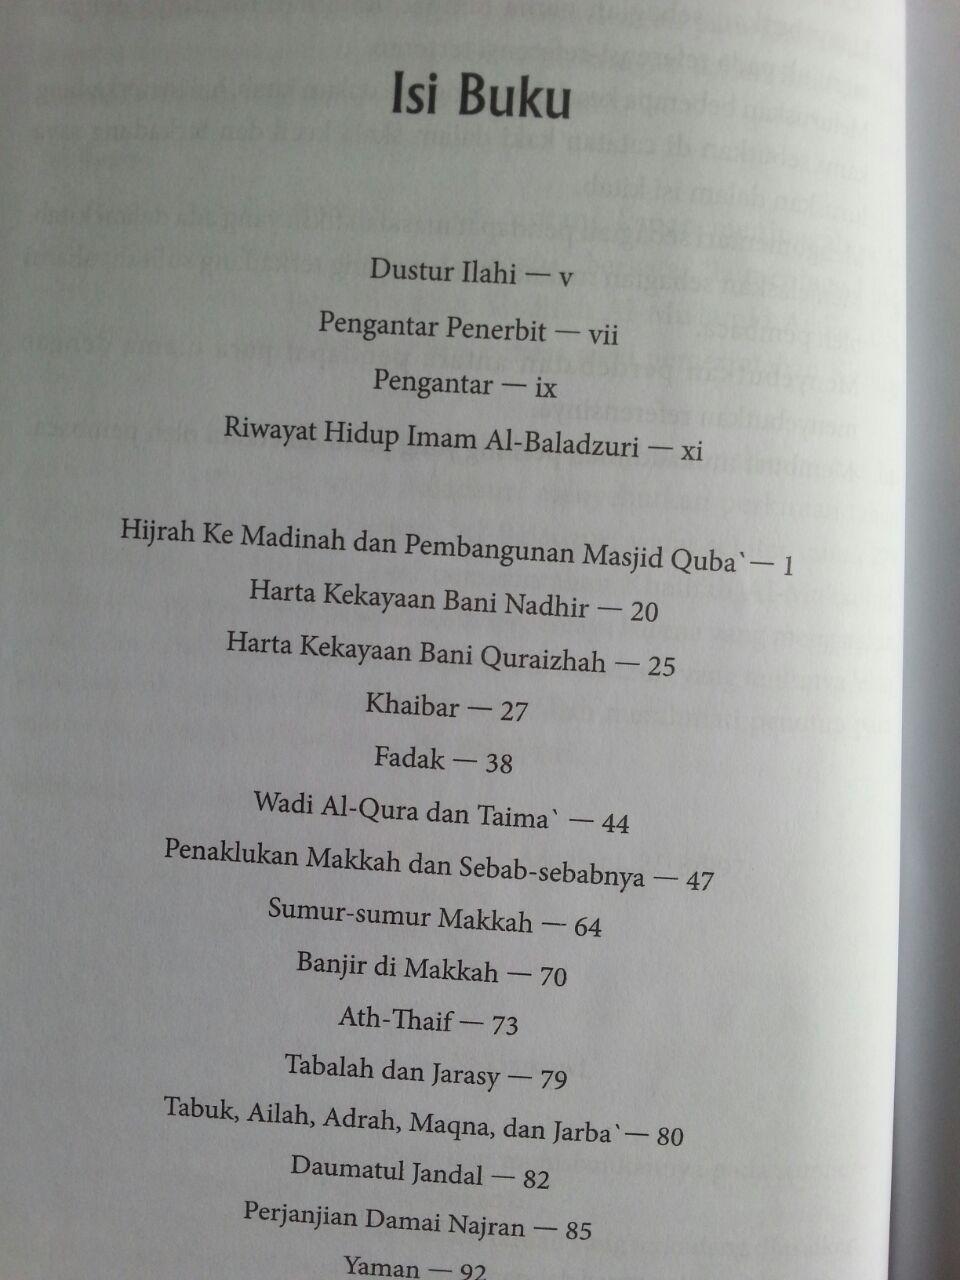 Buku Futuhul Buldan Penaklukkan Negeri Dari Makkah Sampai Sind isi